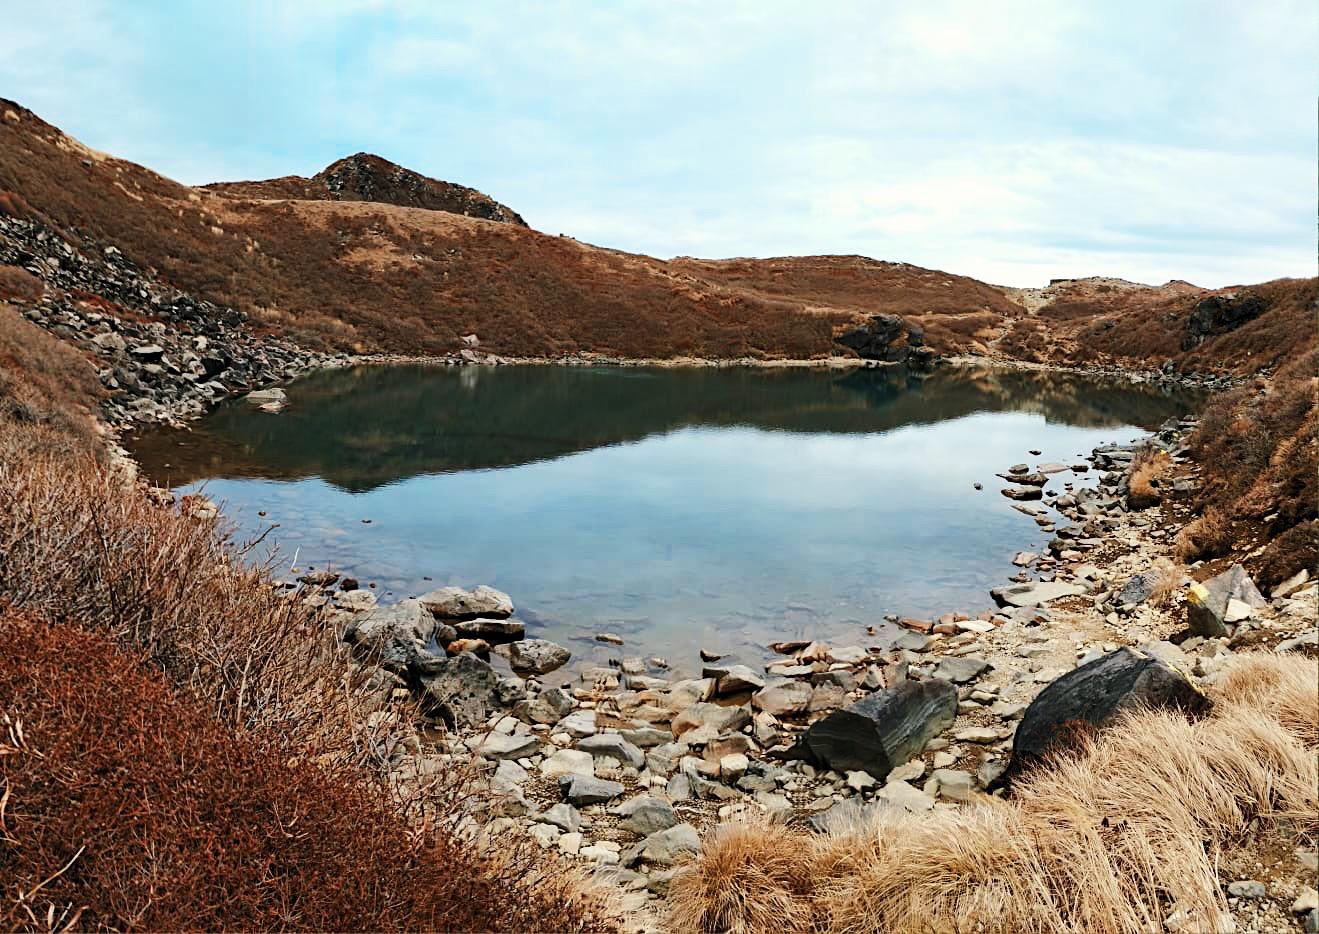 A landscape picture of Bogatsuru marsh